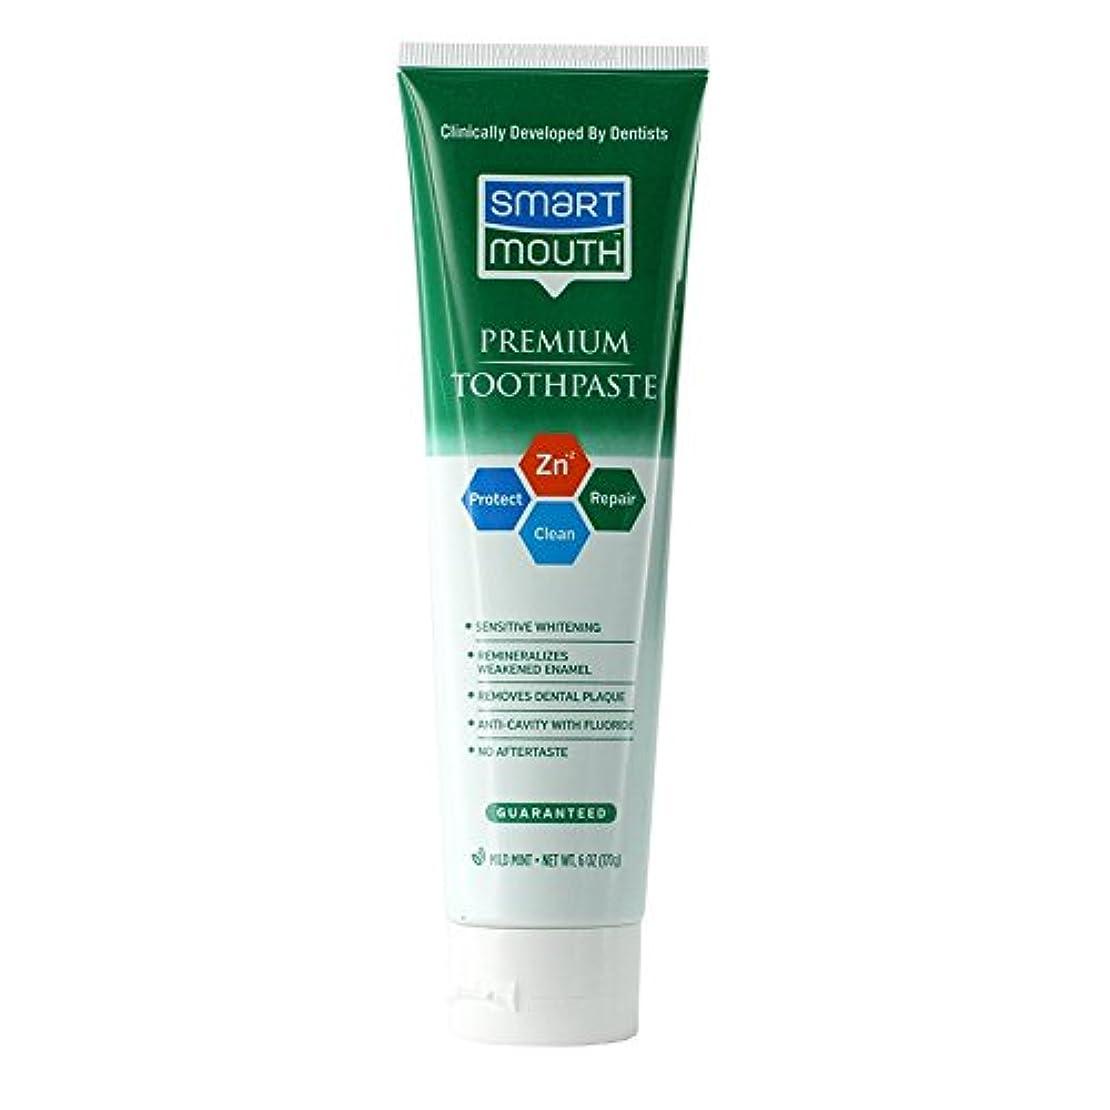 発行する納税者路地SmartMouth フッ化物クリーンミント6オンス歯磨き粉ホワイトニング(1パック)